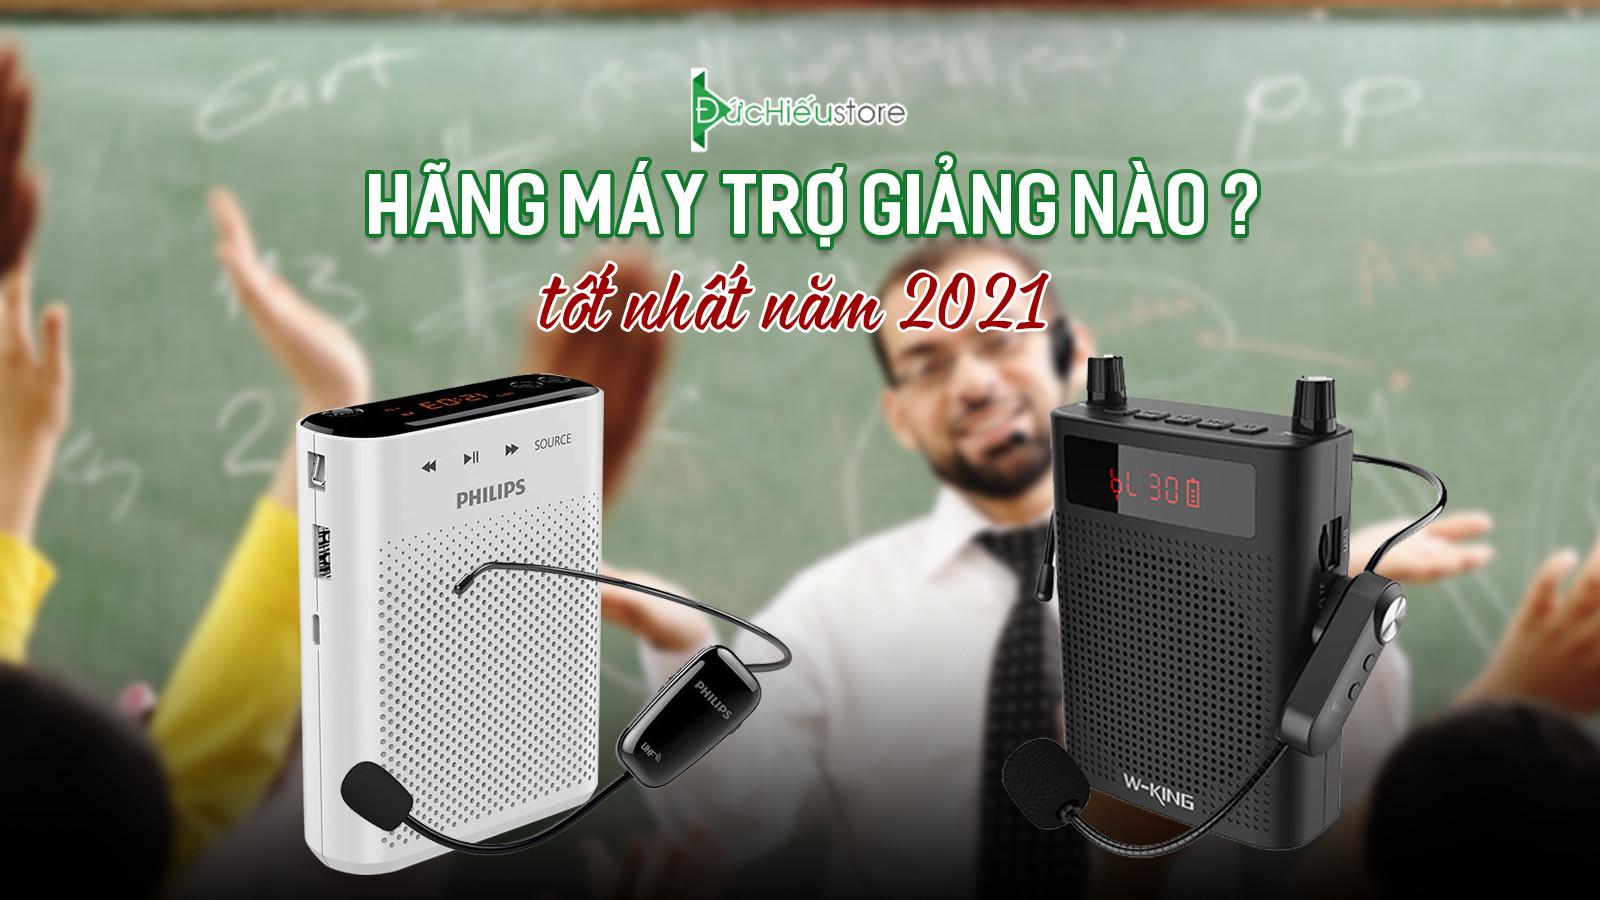 Hãng máy trợ giảng nào tốt nhất năm 2021